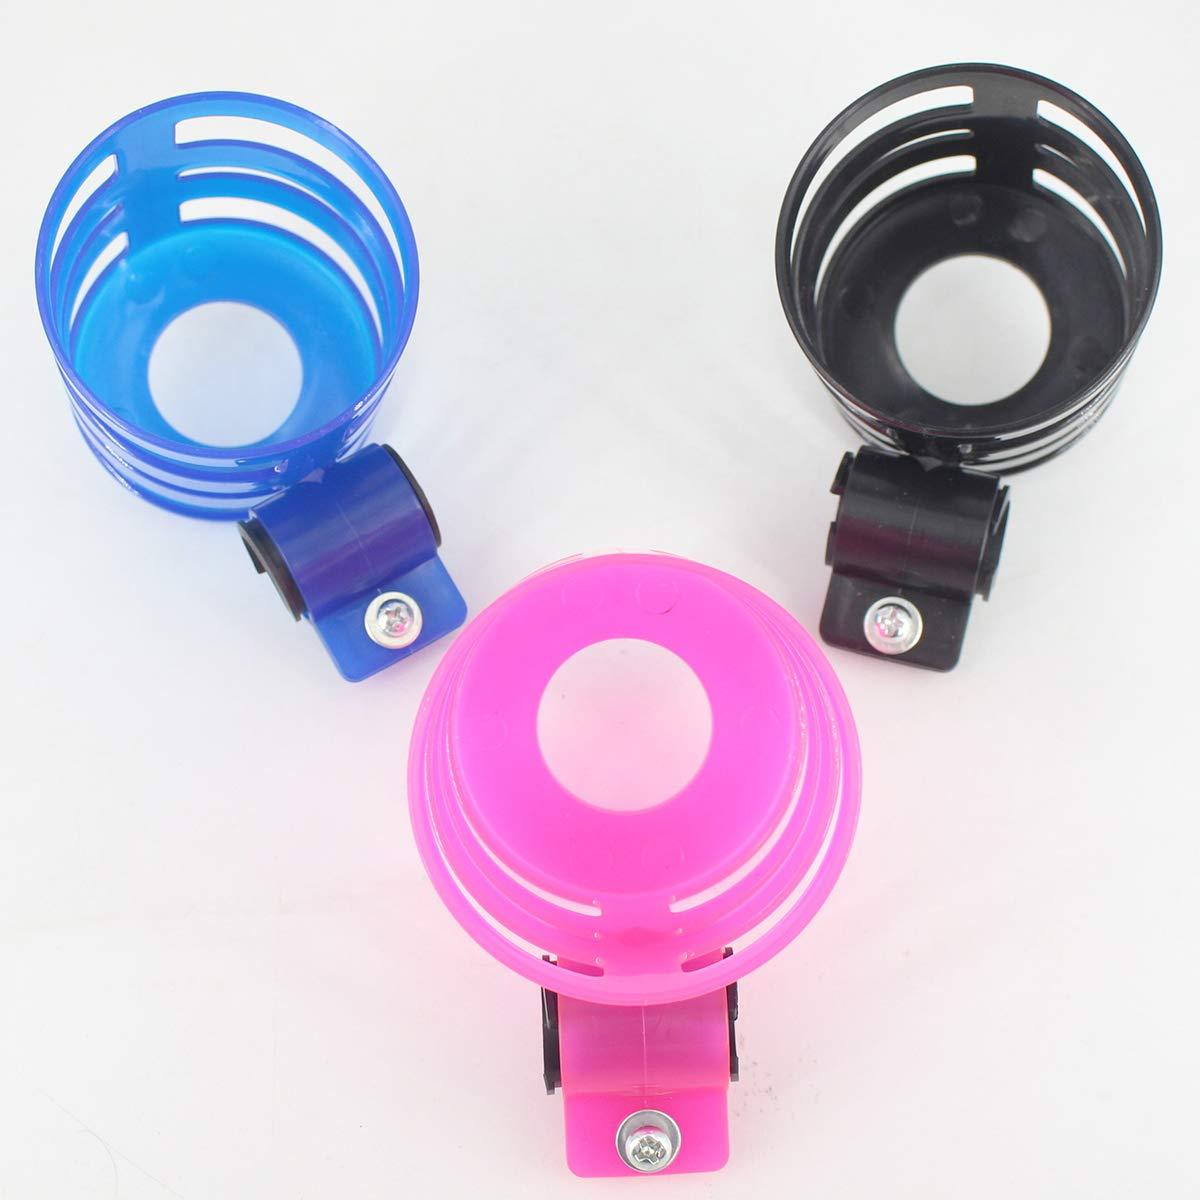 Jinjuntech Kinderwagen Getr/änkehalter Universal Lenker Getr/änkehalter passend f/ür Kinderwagen und Fahrrad blau